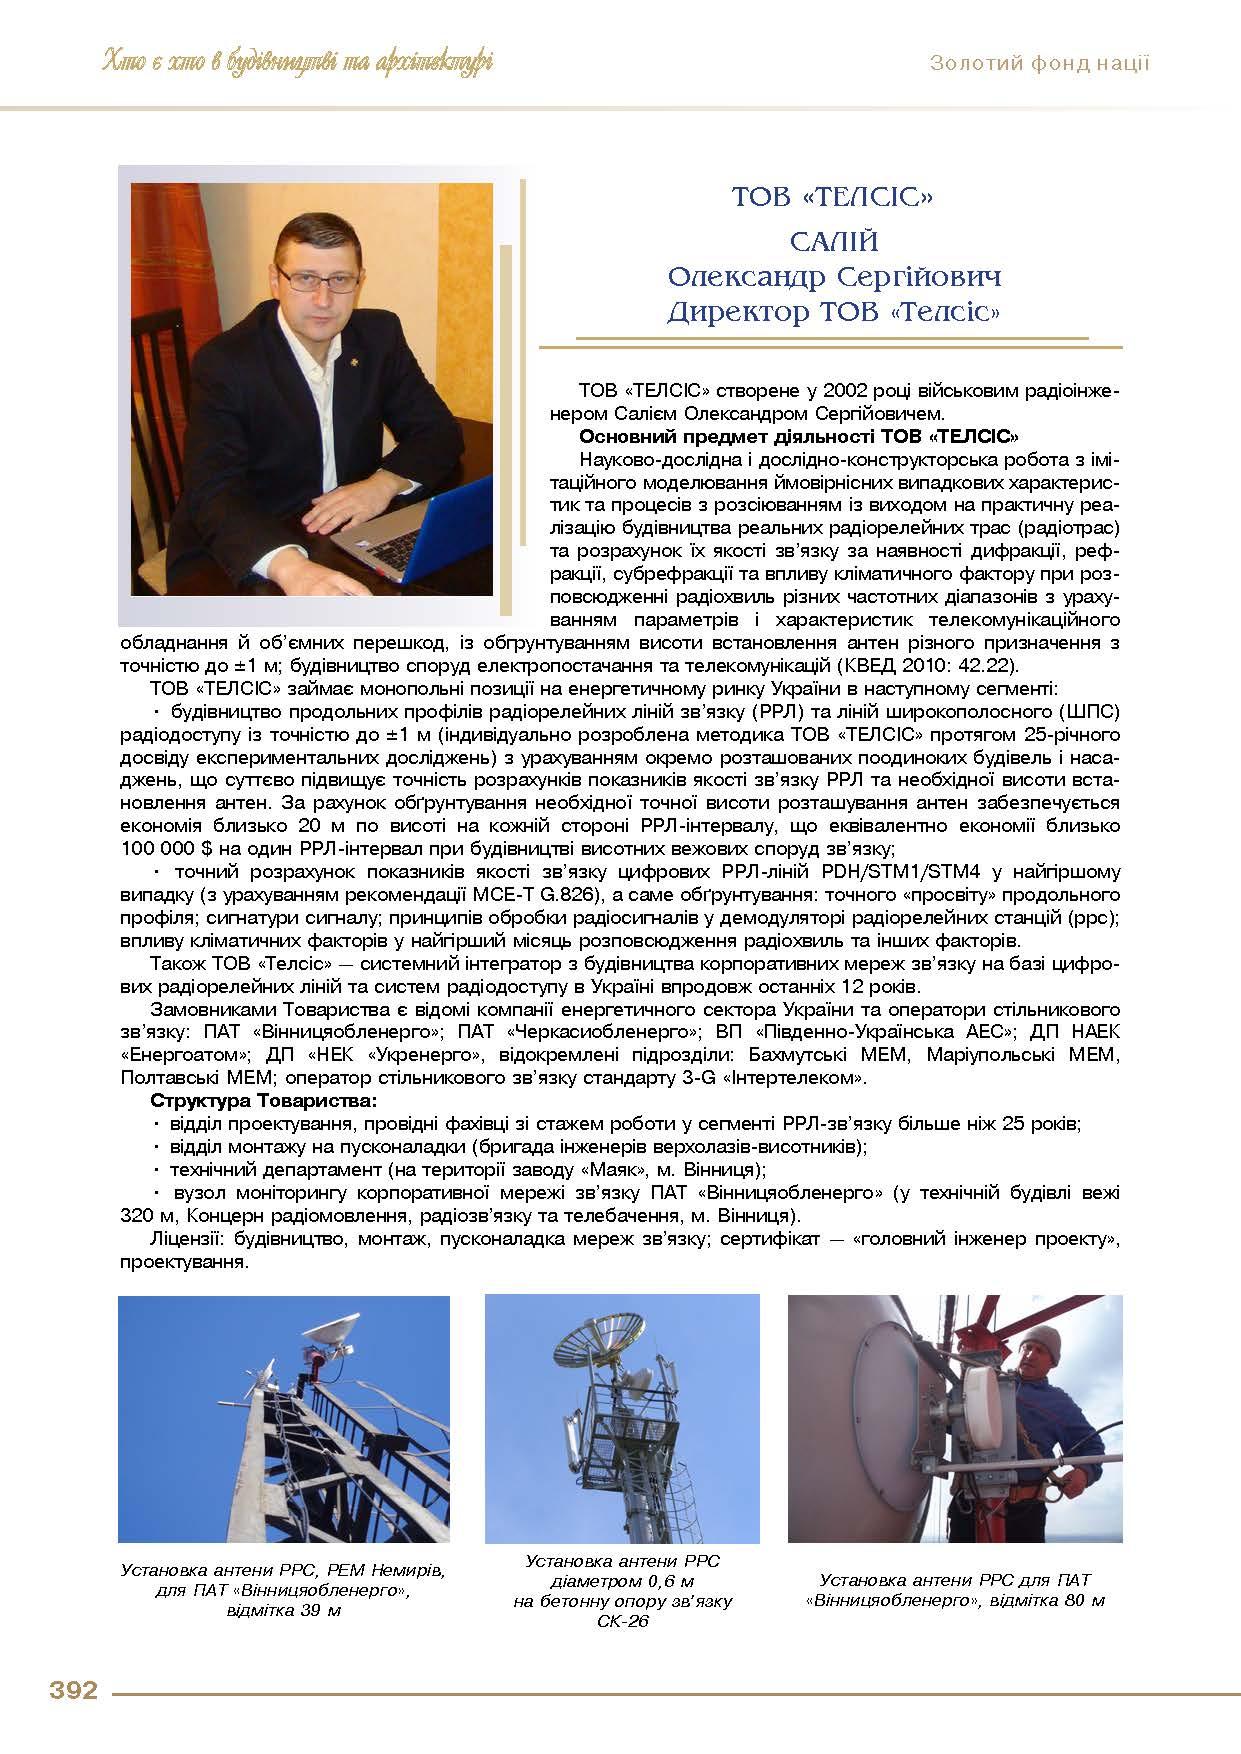 ТОВ «ТЕЛСІС» - Салій Олександр Сергійович